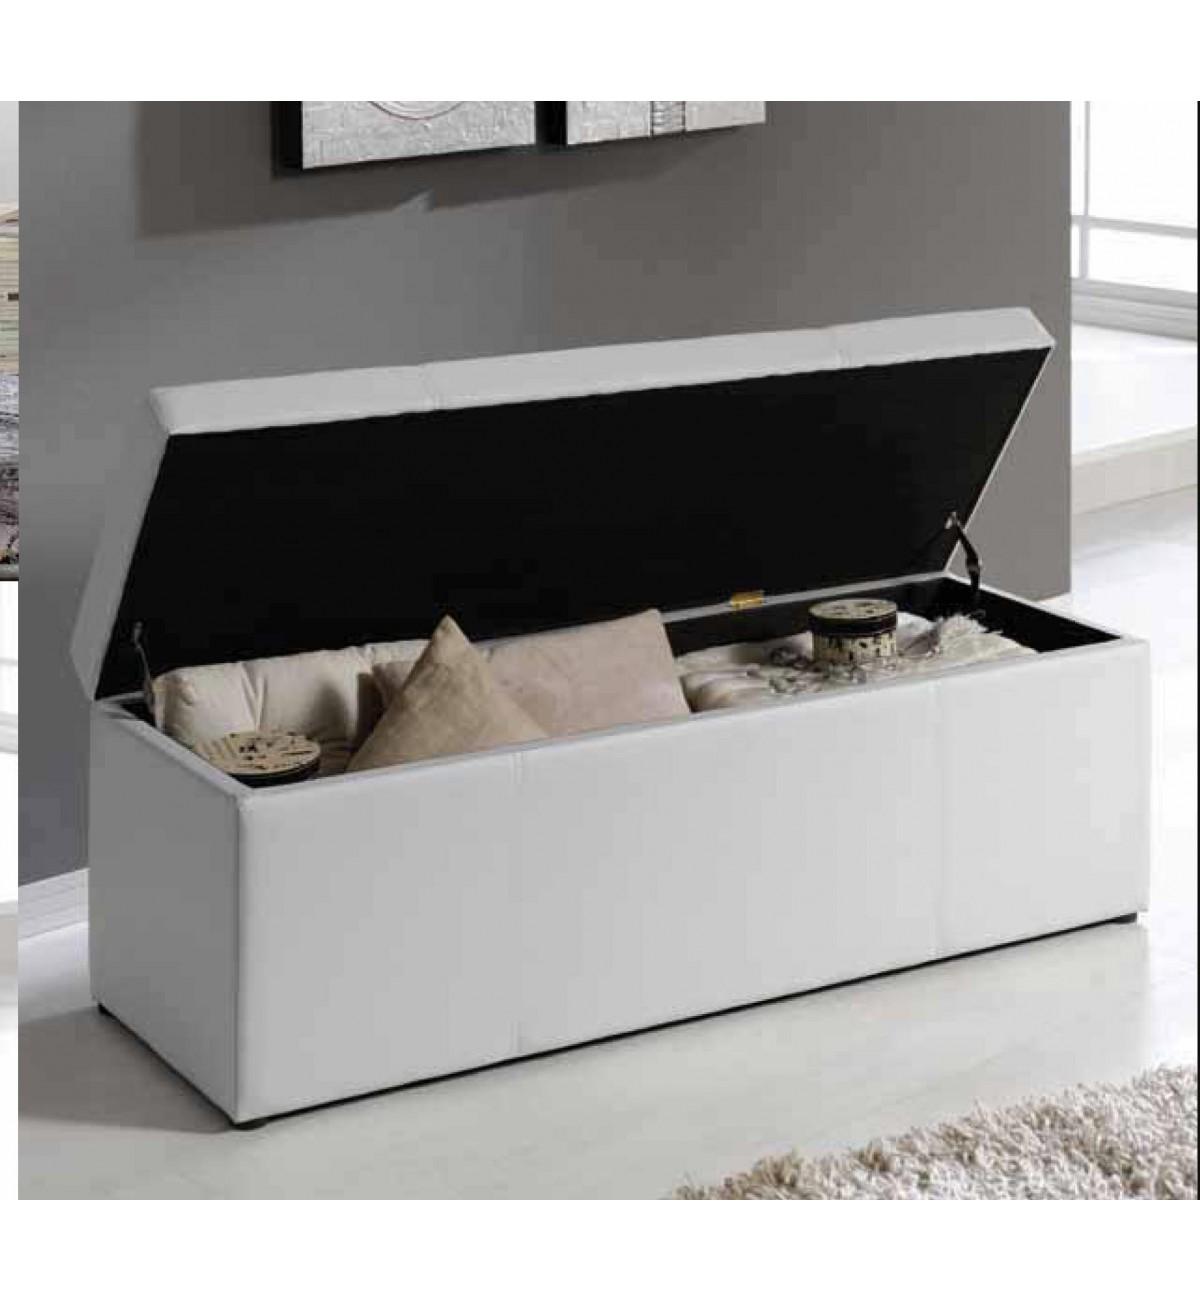 Baul polipiel b 99 ld camas de dise o for Cama diseno